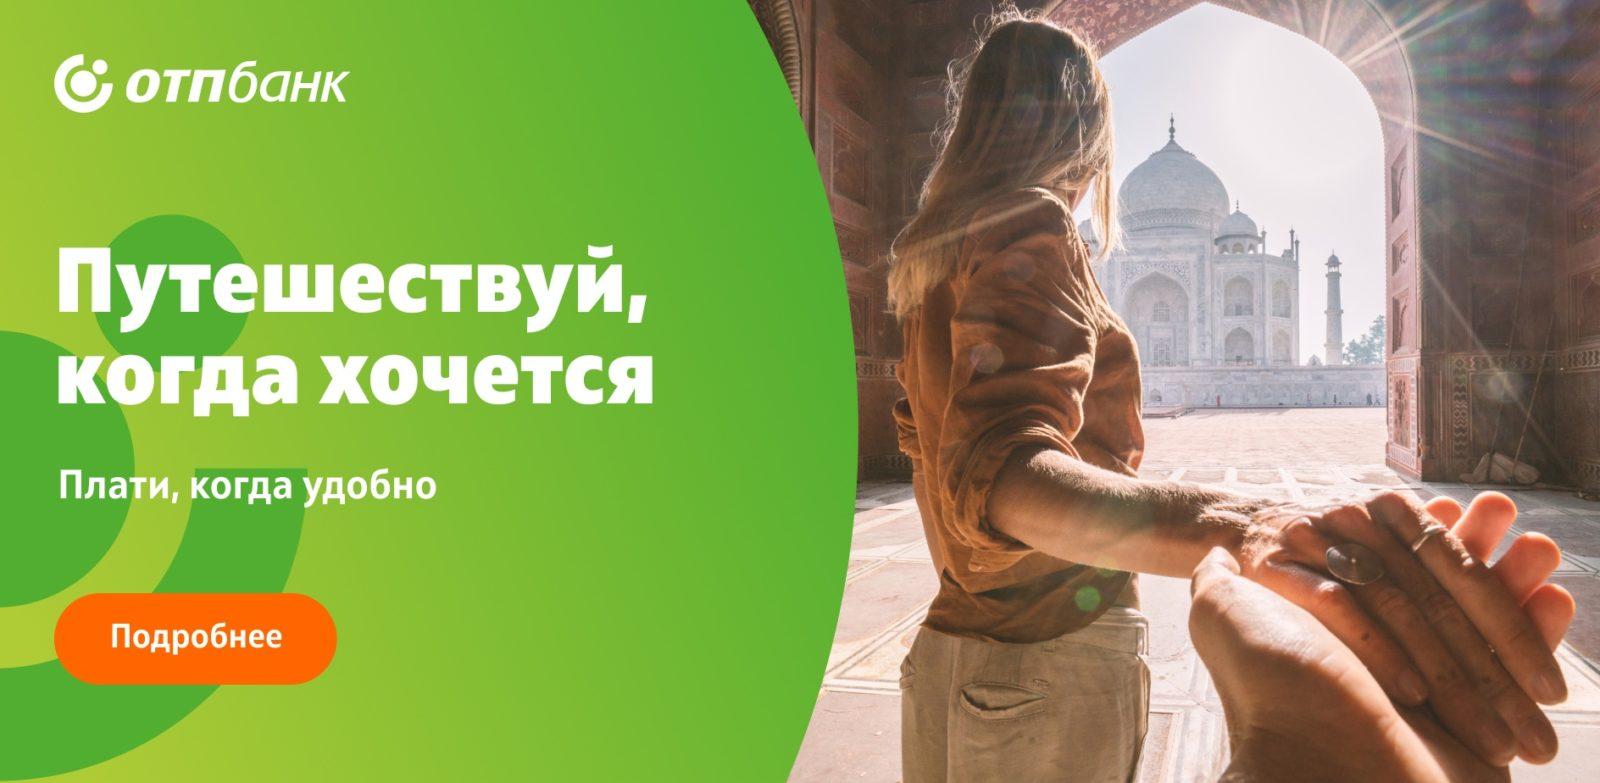 Кредит на путешествия ОТП банк